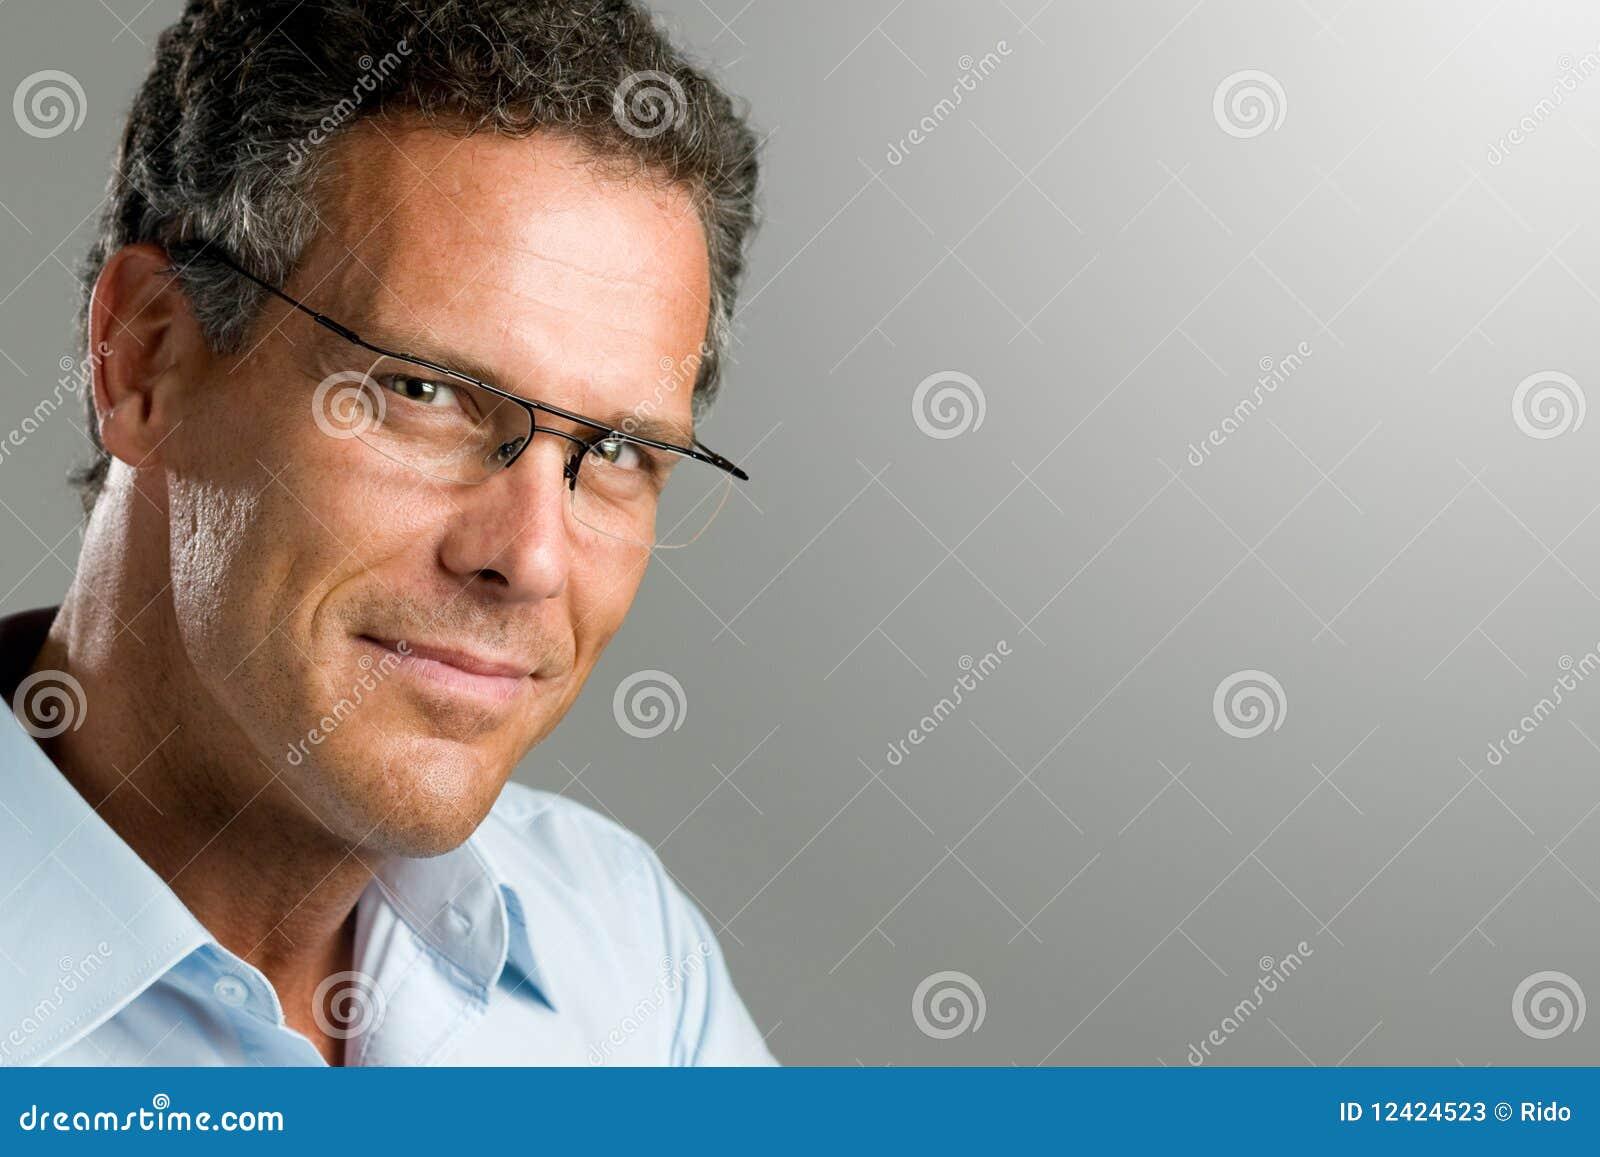 Tippse Mit Brille Und Strümpfen Wird Auf Dem Schreibtisch Gefickt